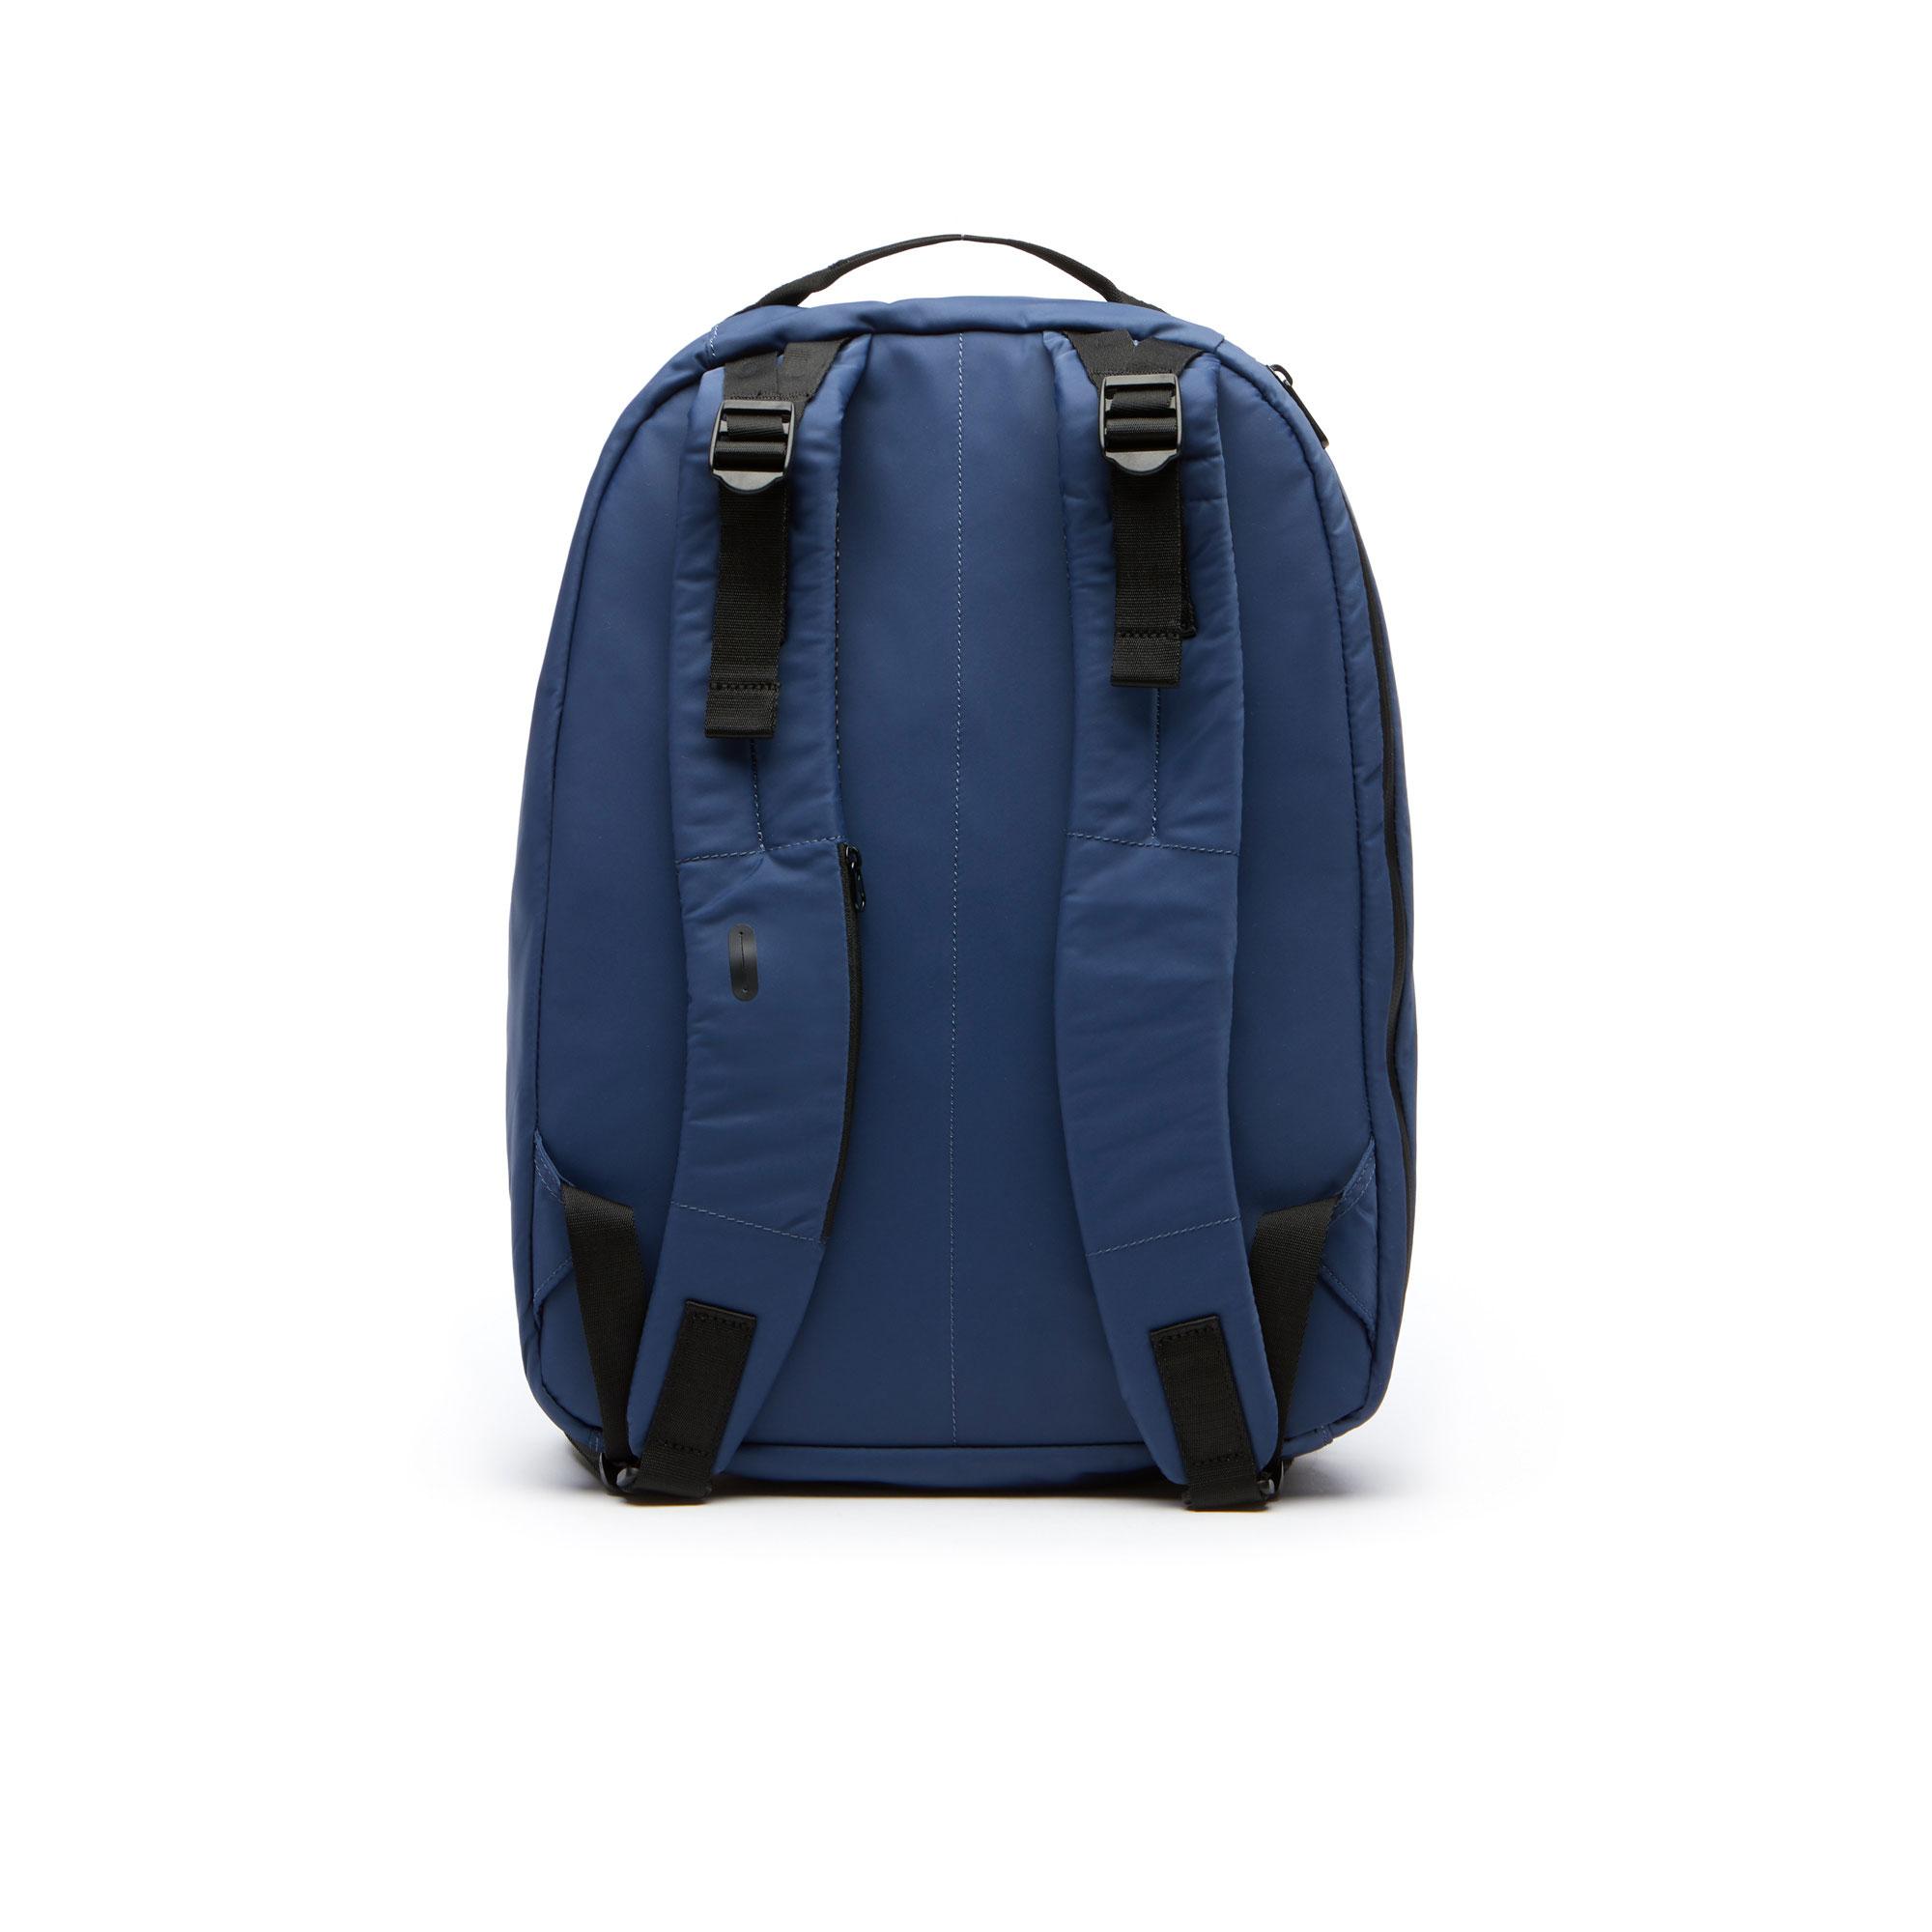 Lacoste Unisex Mavi Sırt Çantası